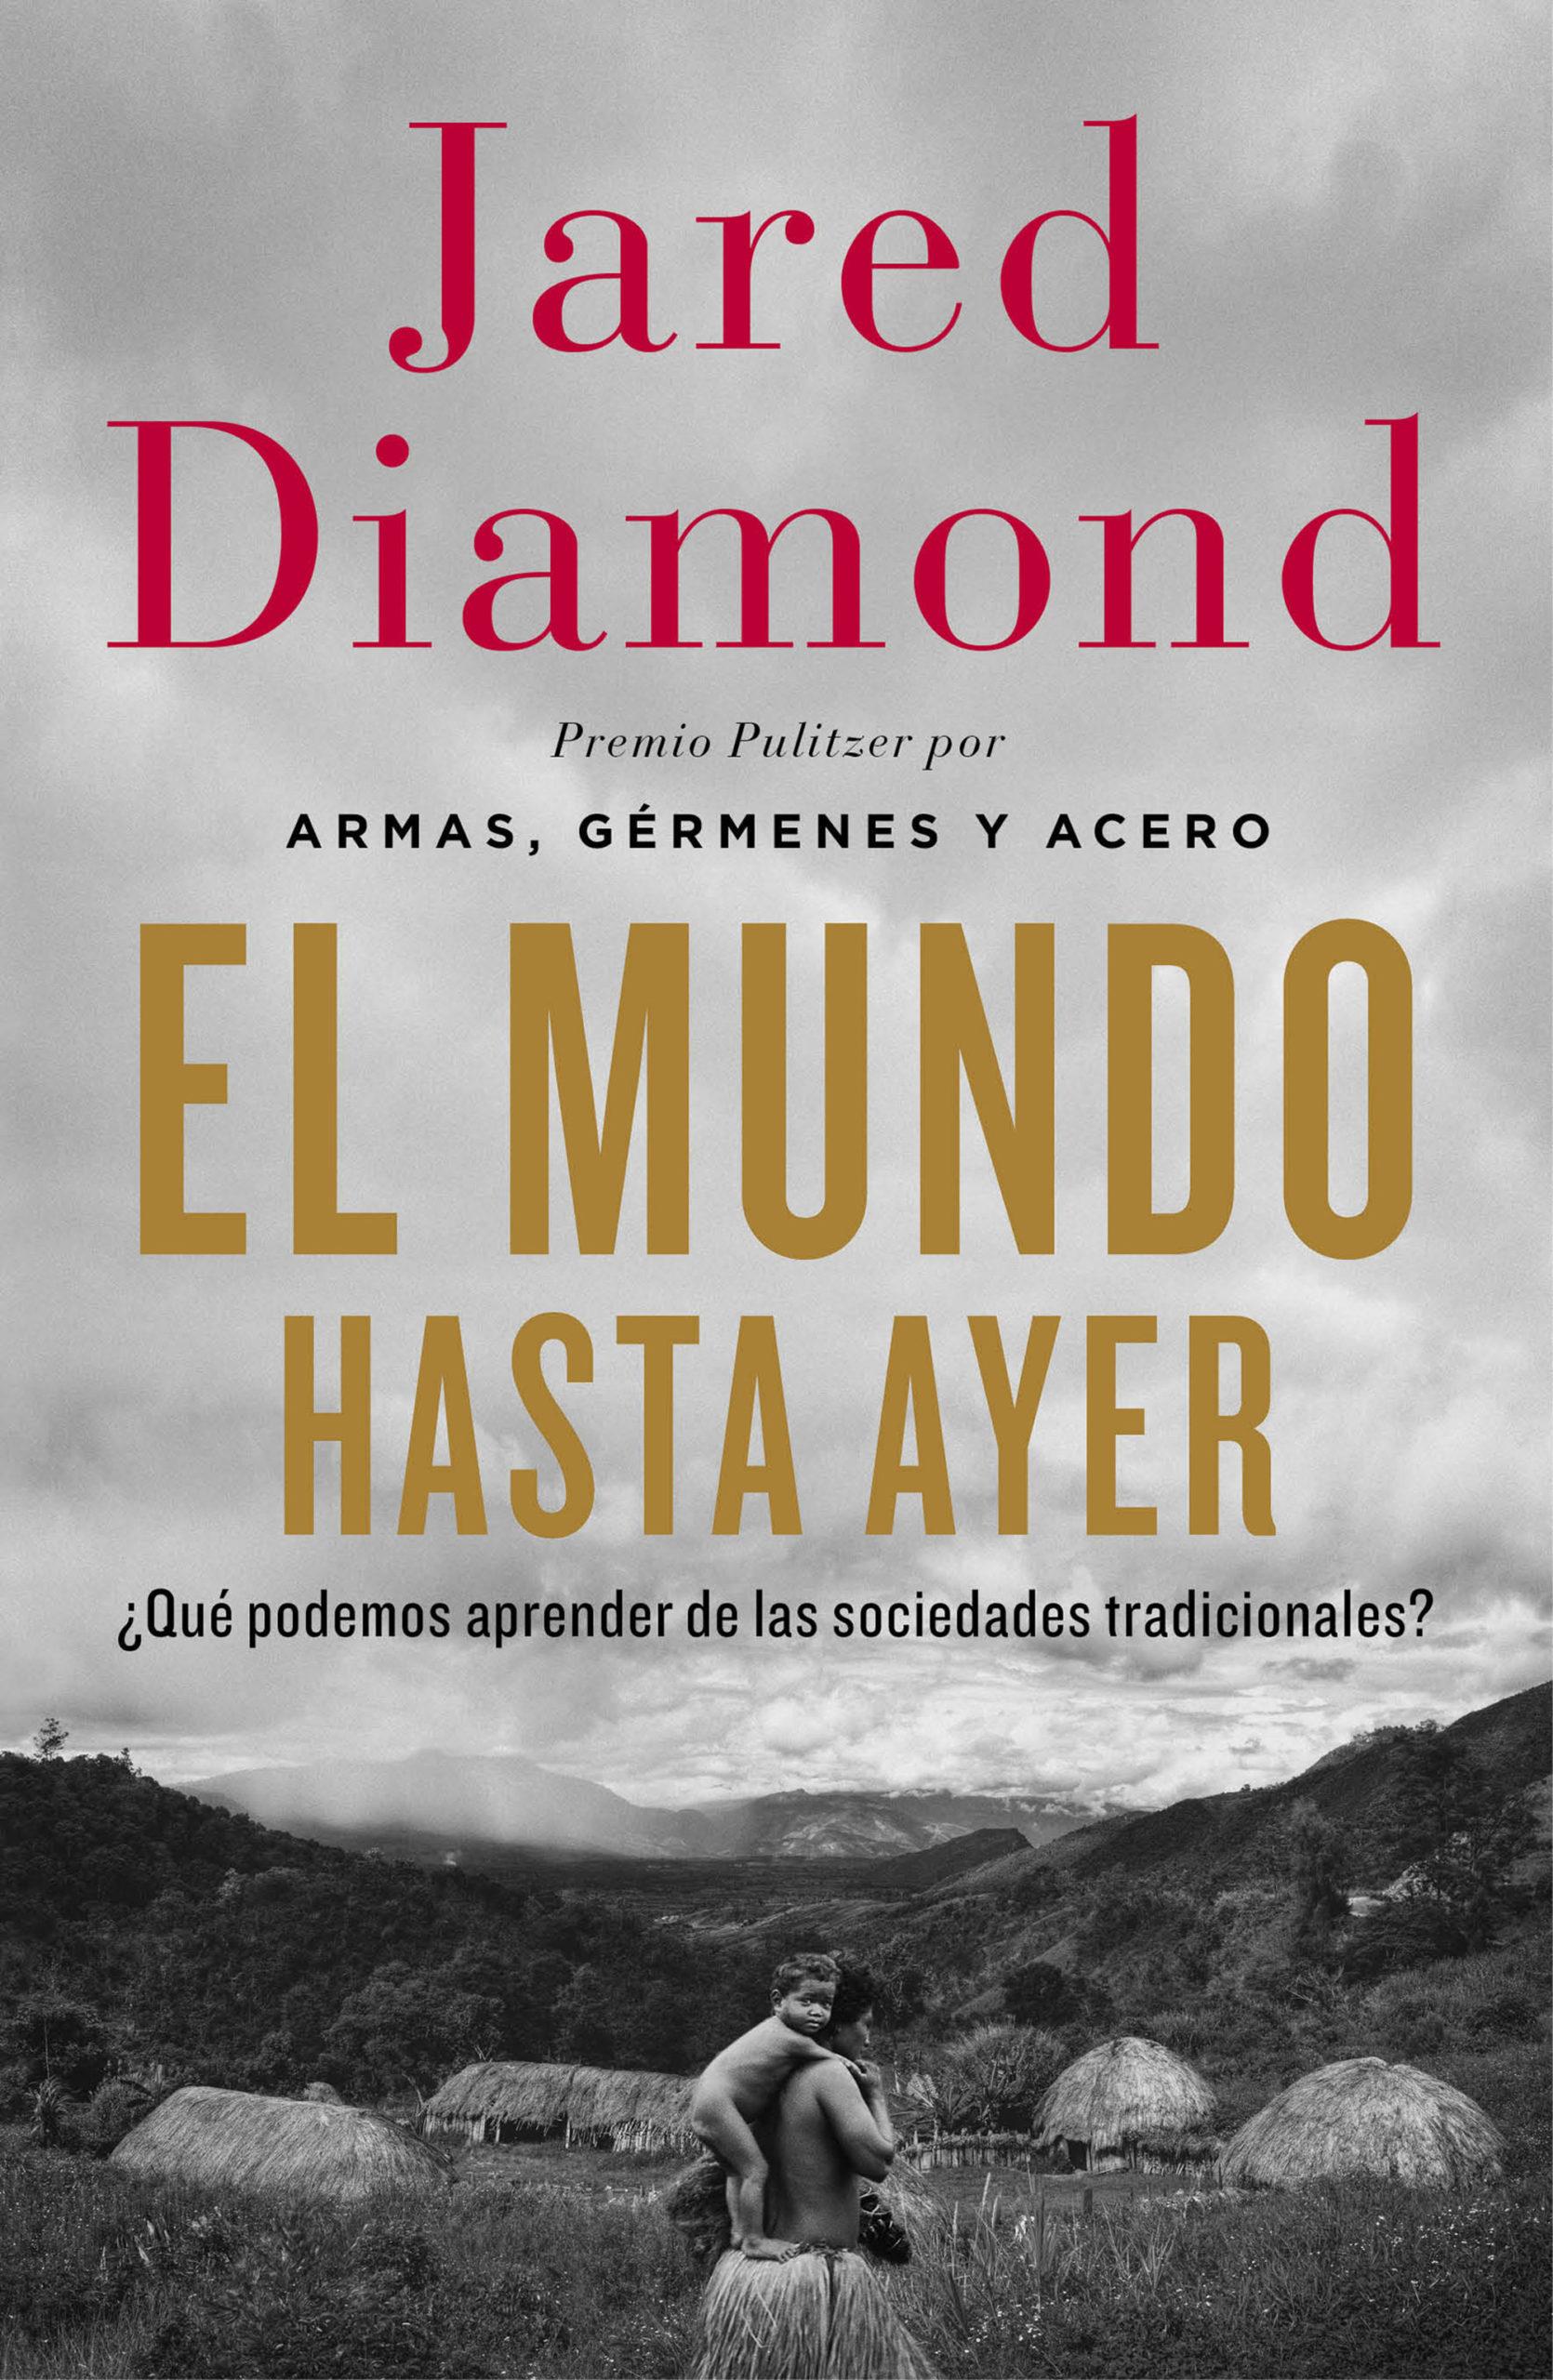 carlos velo jared diamond el mundo hasta ayer